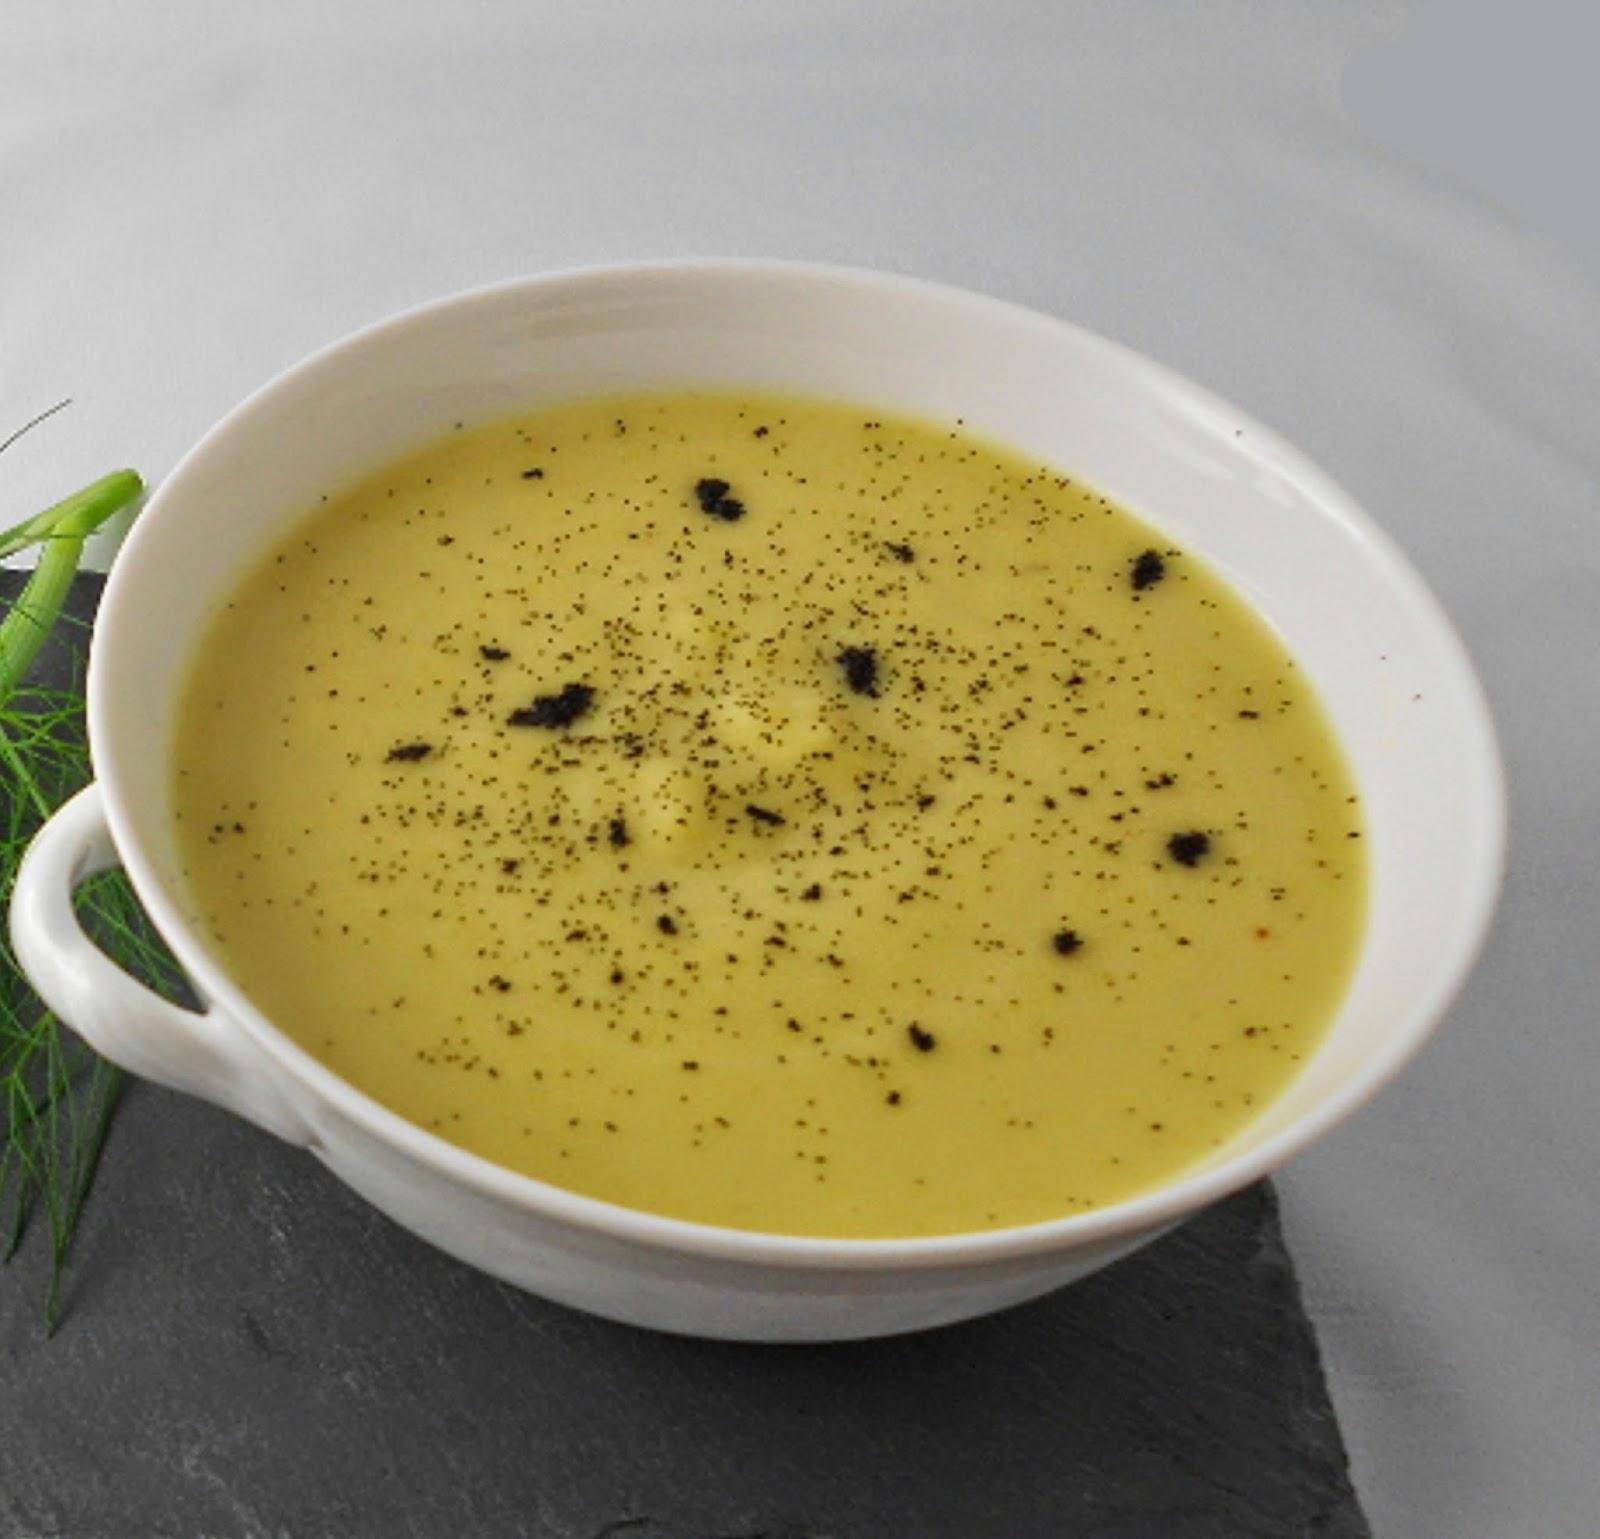 maigrir vite recette id ale de soupe pour maigrir rapidement et sans risque. Black Bedroom Furniture Sets. Home Design Ideas